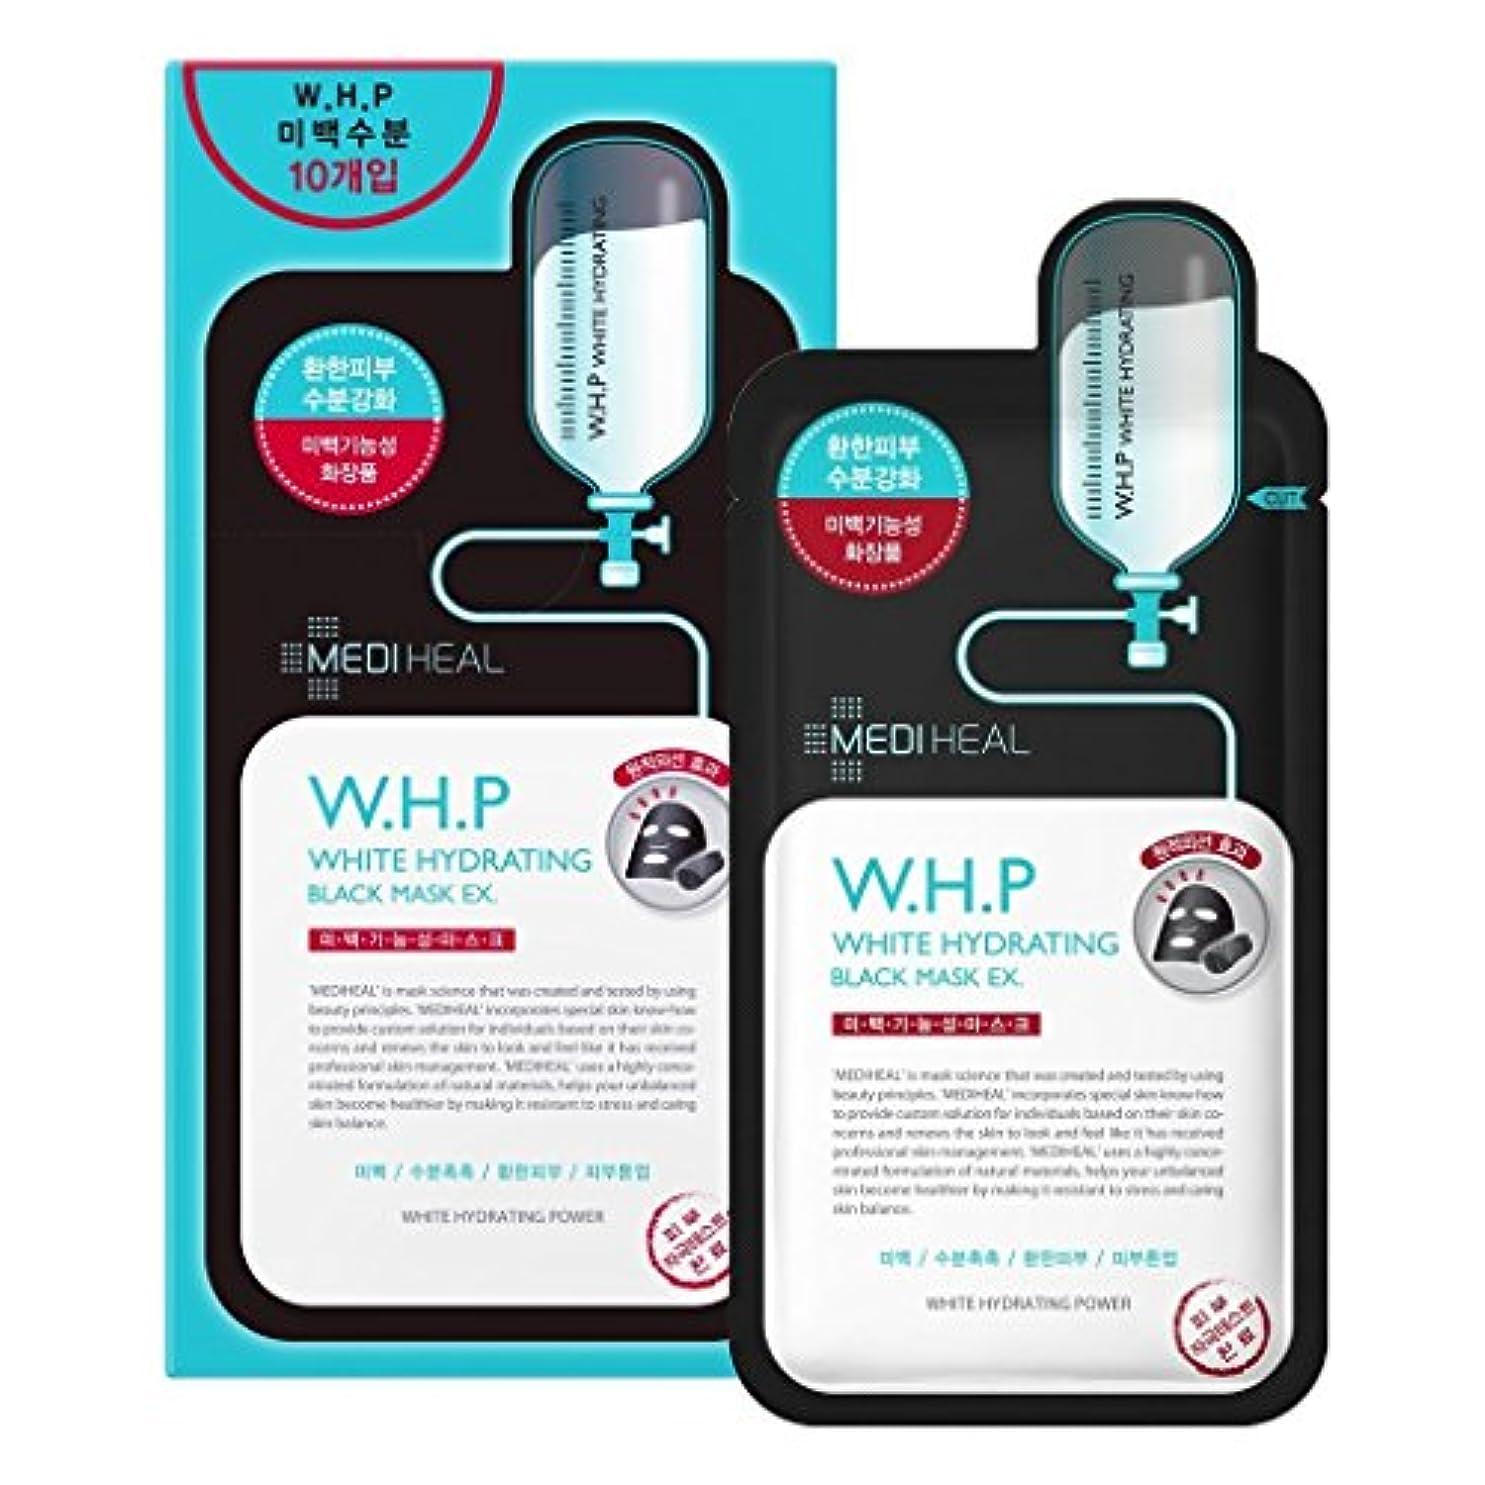 和らげる蓮かもめMediheal WHP ホワイト ハイドレイティング ブラック マスク EX 25mL x10枚 [並行輸入品]